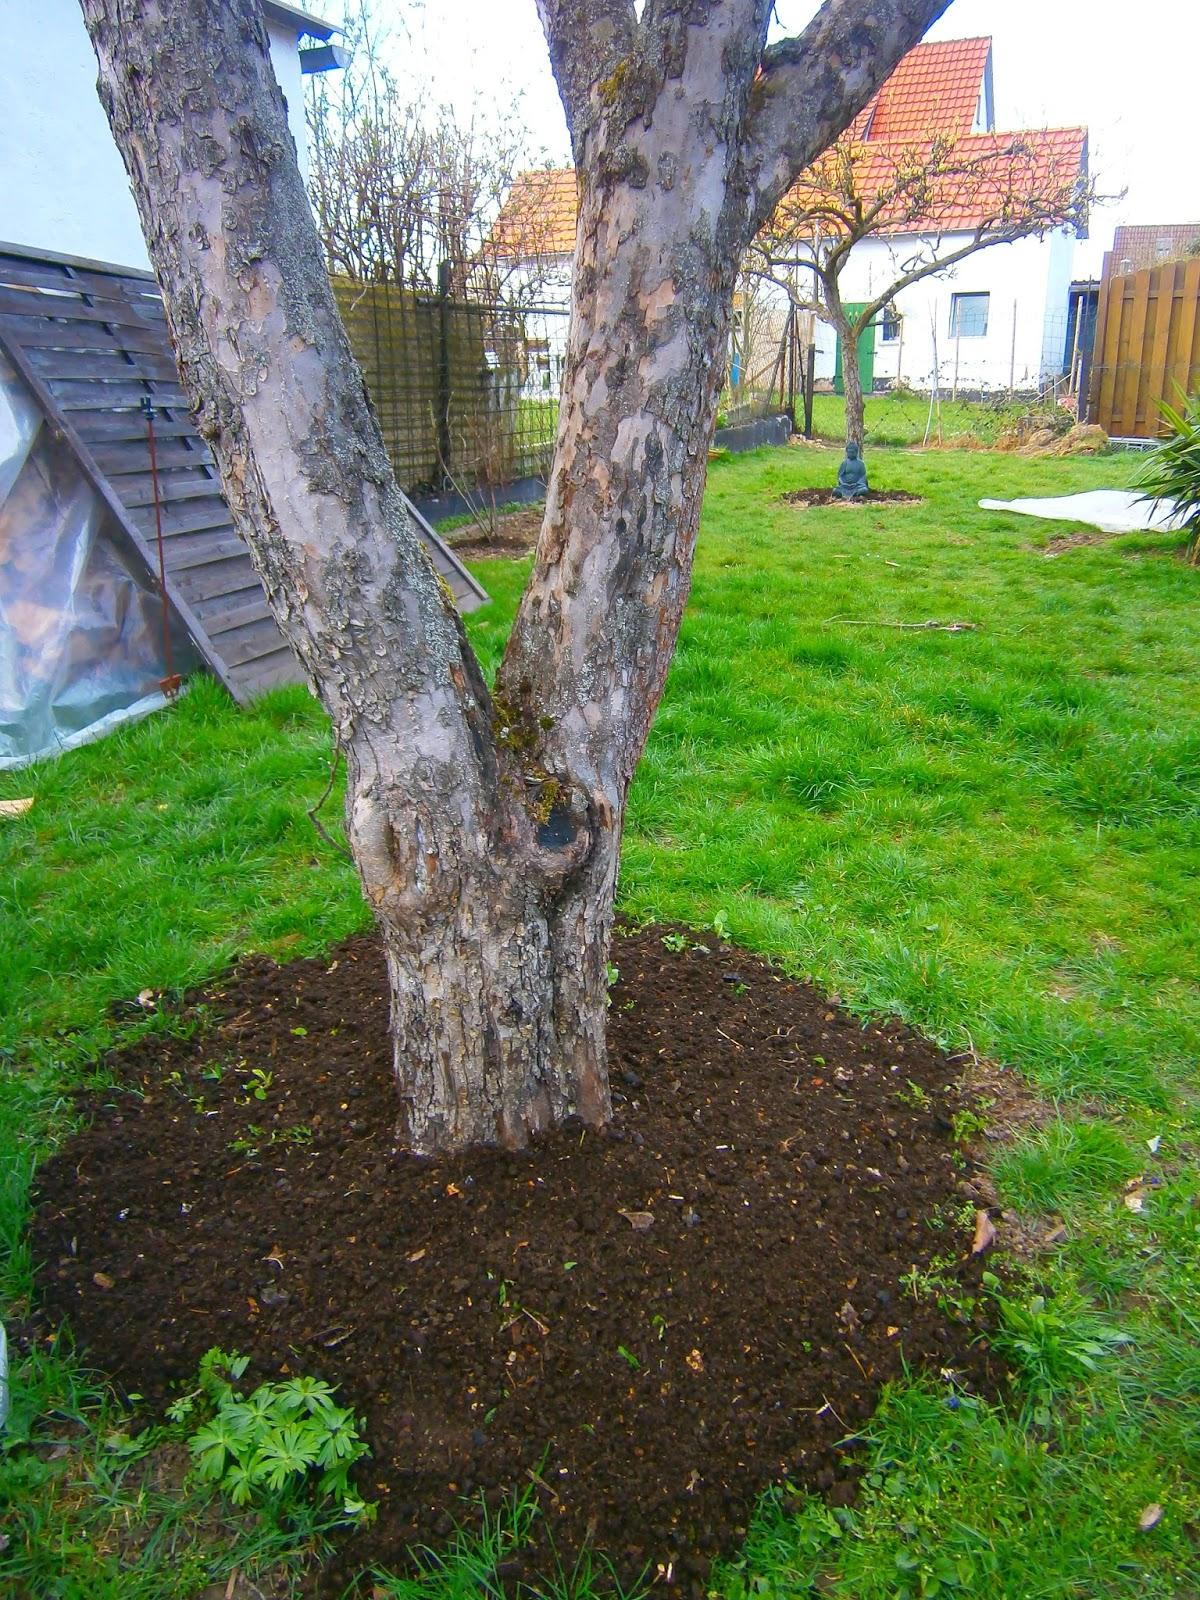 selbstversorgung für faulpelze?: kompost für bäume